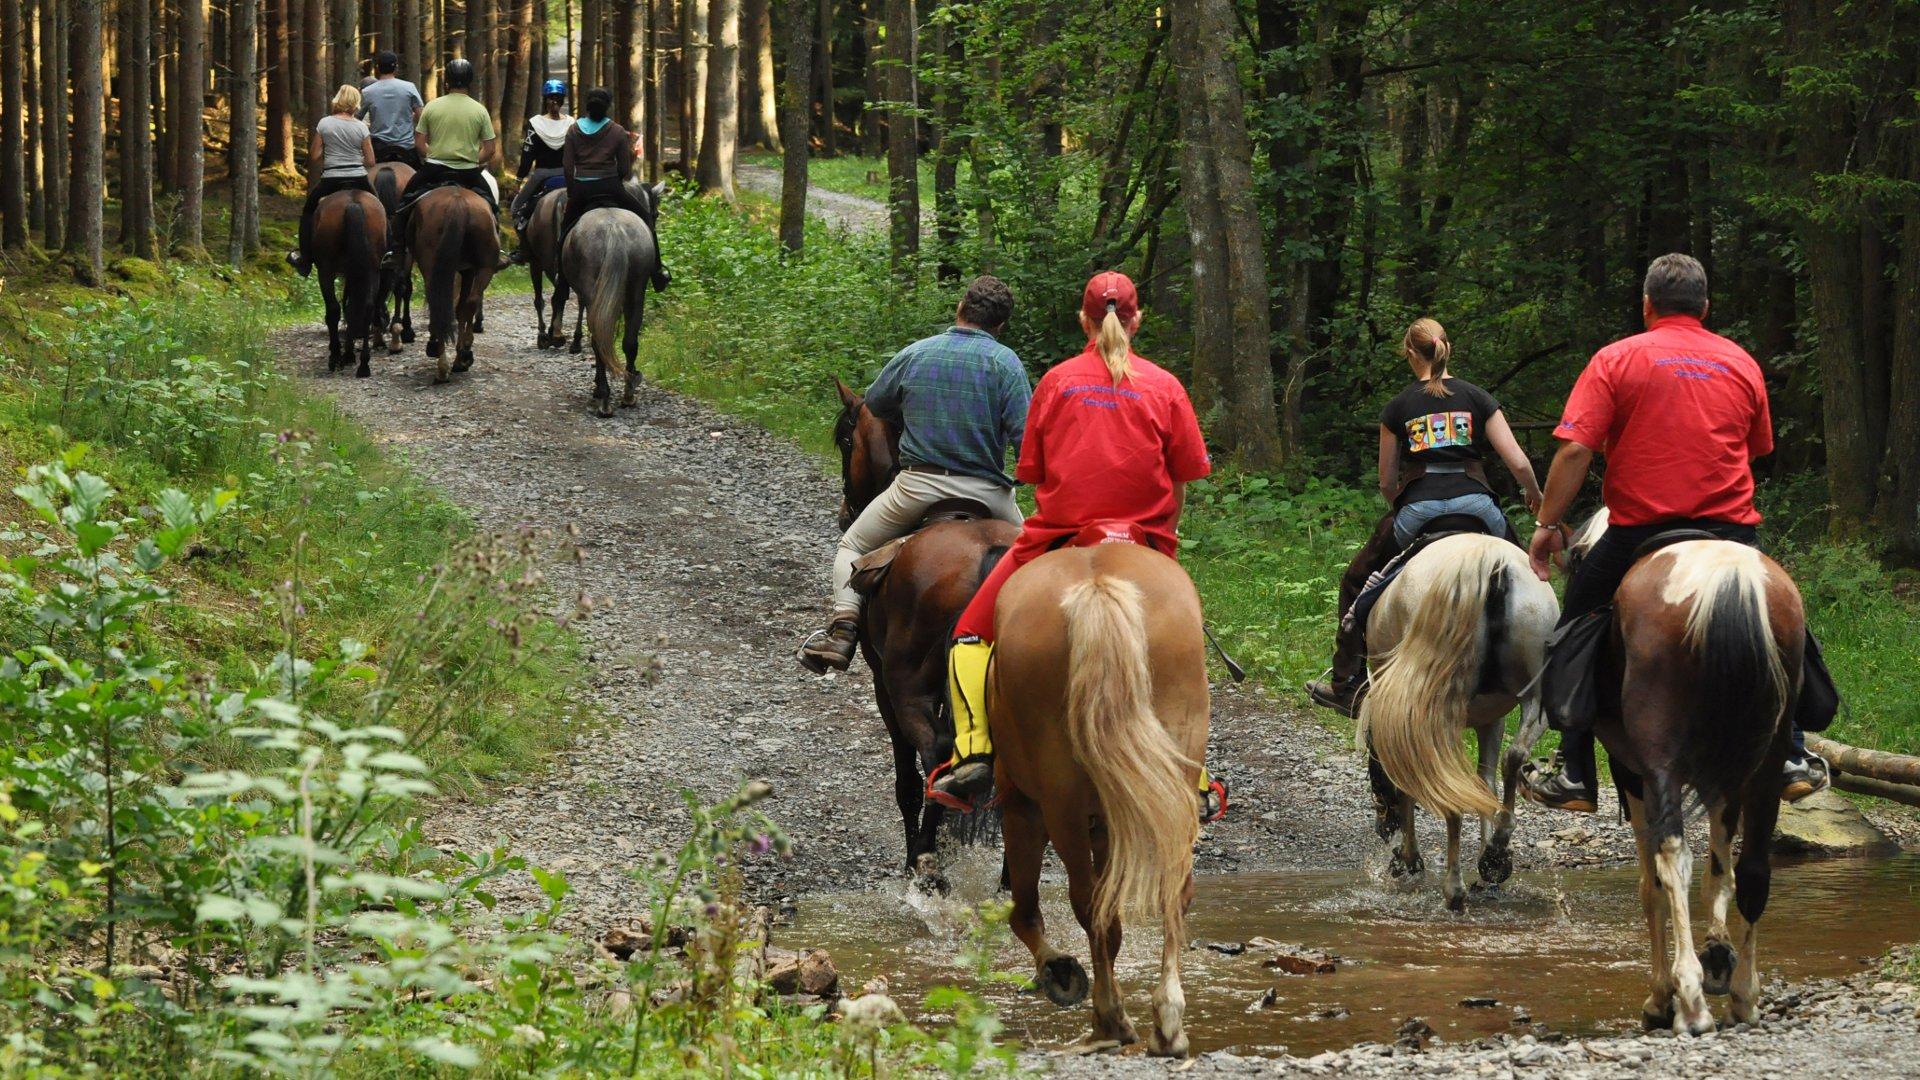 <h2>Ferien im Wenzelhof: Reiten in  der Natur</h2><p>Egal ob Sie Anfänger der Fortgeschrittener sind - unsere Touren stimmen wird genau auf Ihre Reiter-Fähigkeiten ab.</p><a title='Weiter lesen' href='http://www.wenzelhof.de/reiten-in-den-waeldern/'>Mehr erfahren</a>